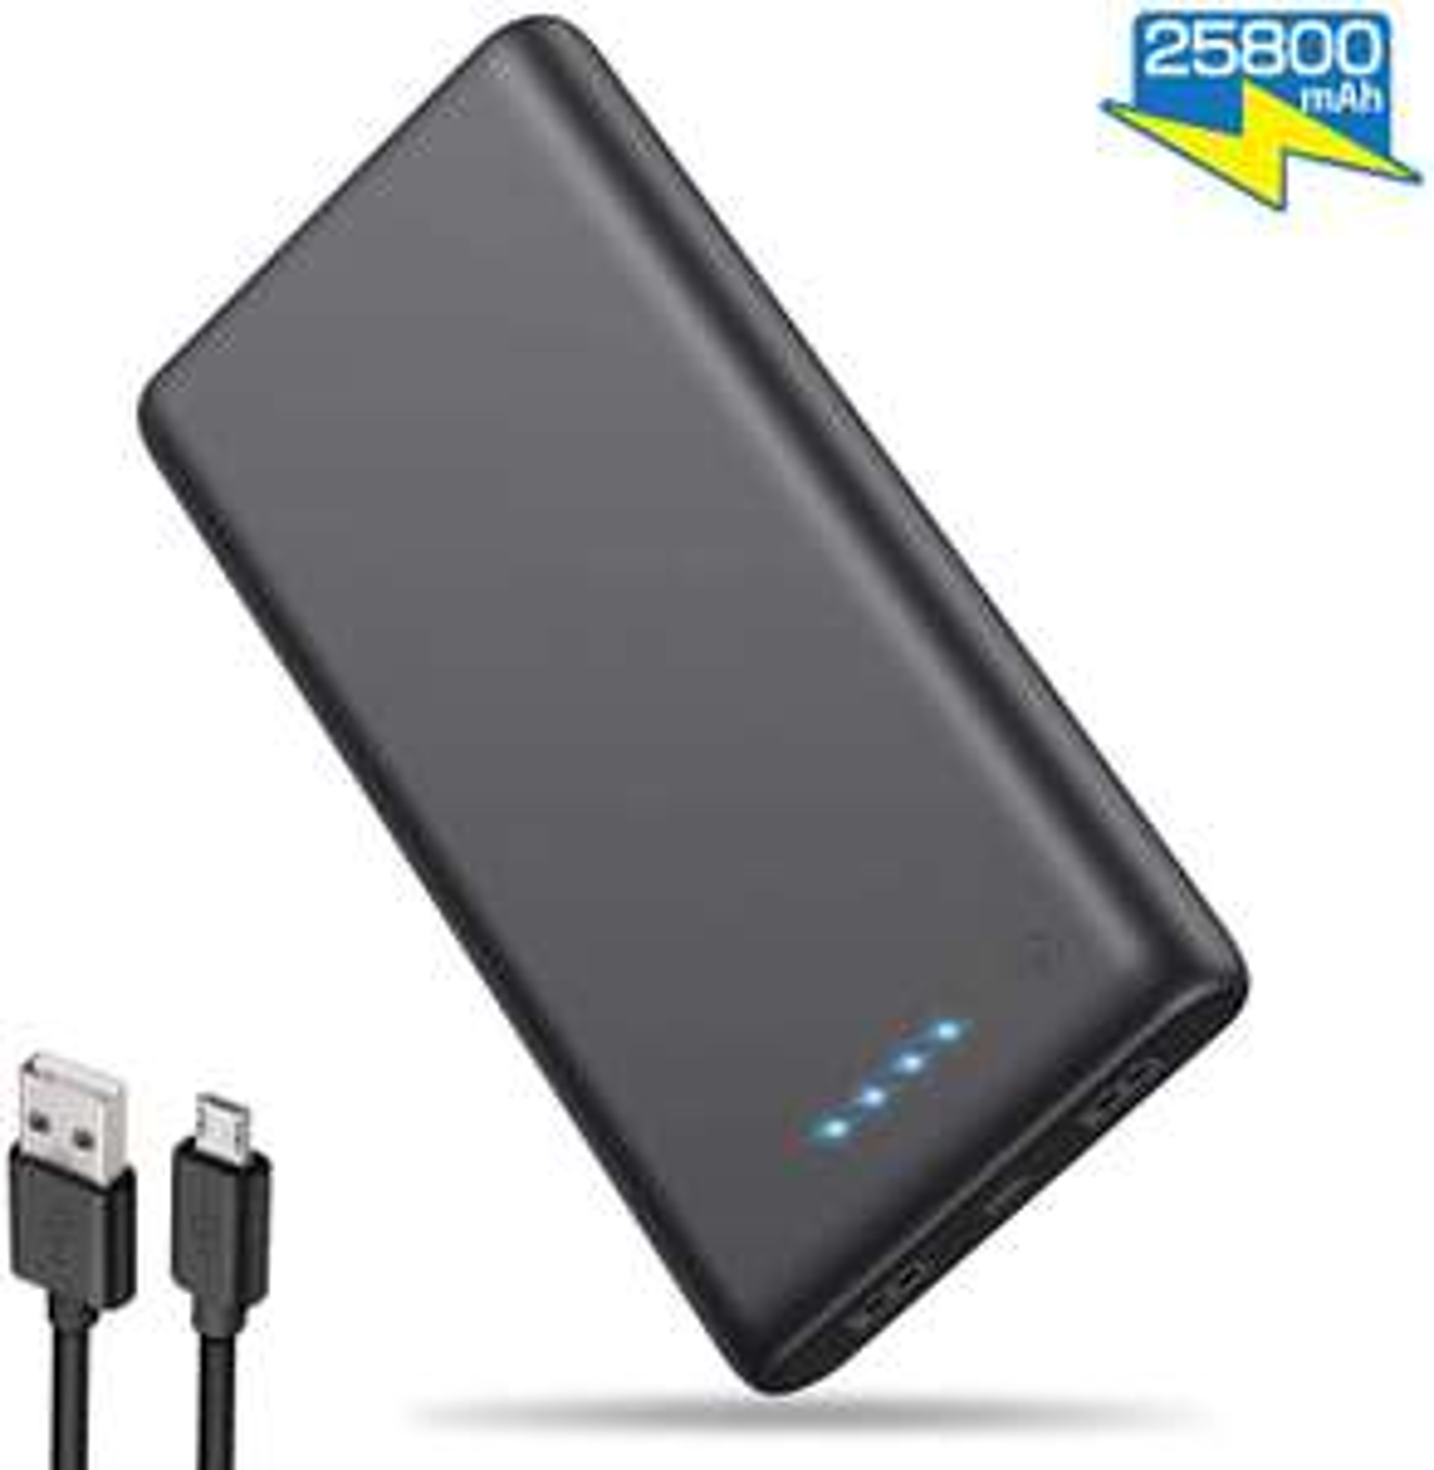 Power Bank 25800 mAh 2 USB